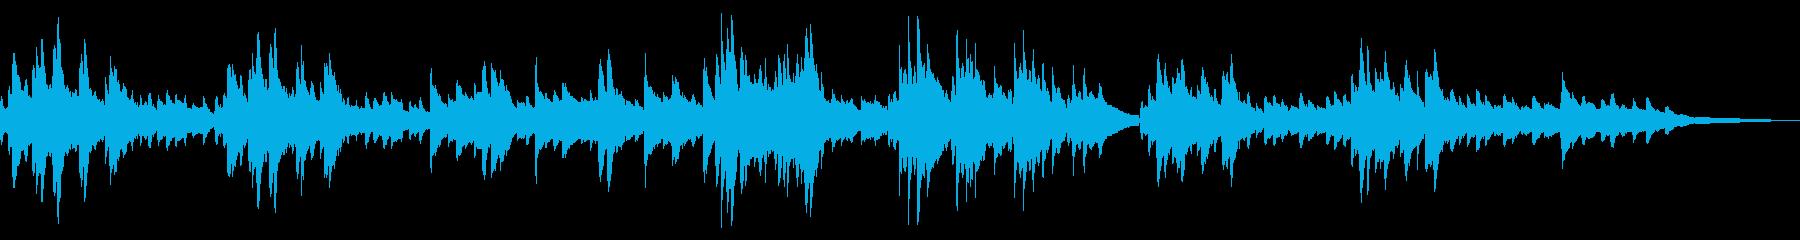 振り返るこれまでの歩み-日常系ピアノソロの再生済みの波形